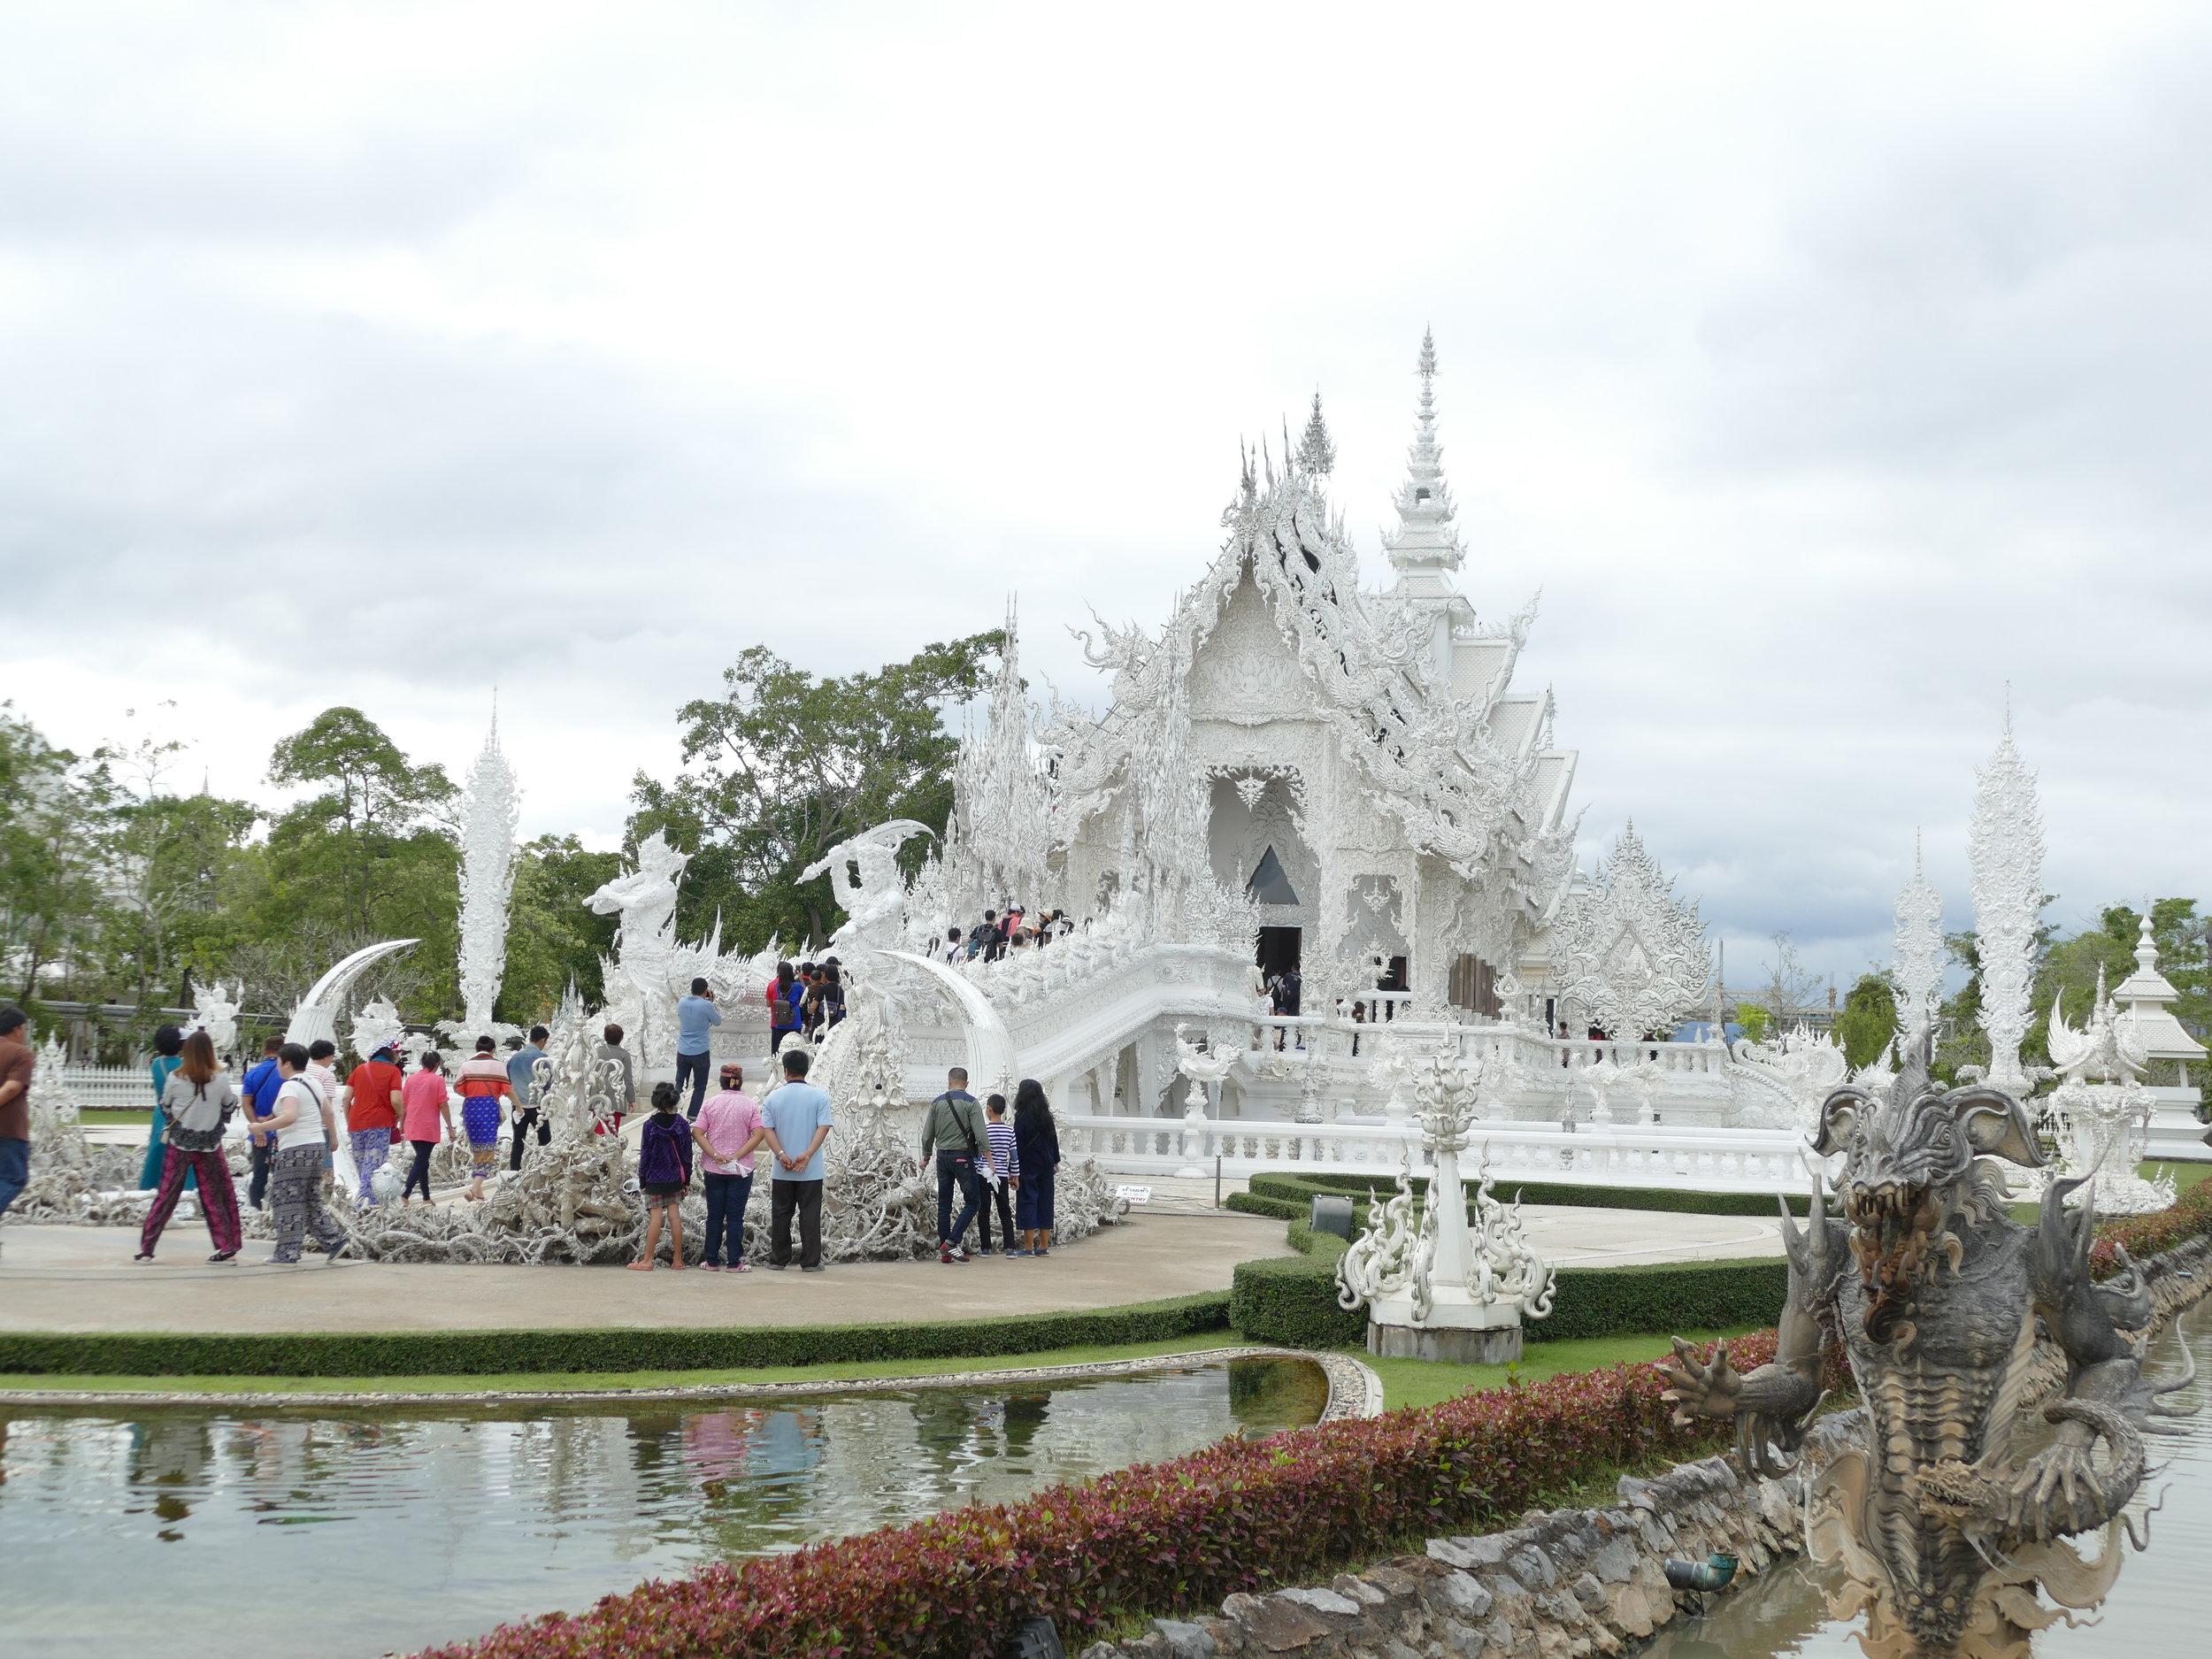 Un des temples hors de l'ordinaire de Chiang rai! Nous n'aurons pas été voir les autres.